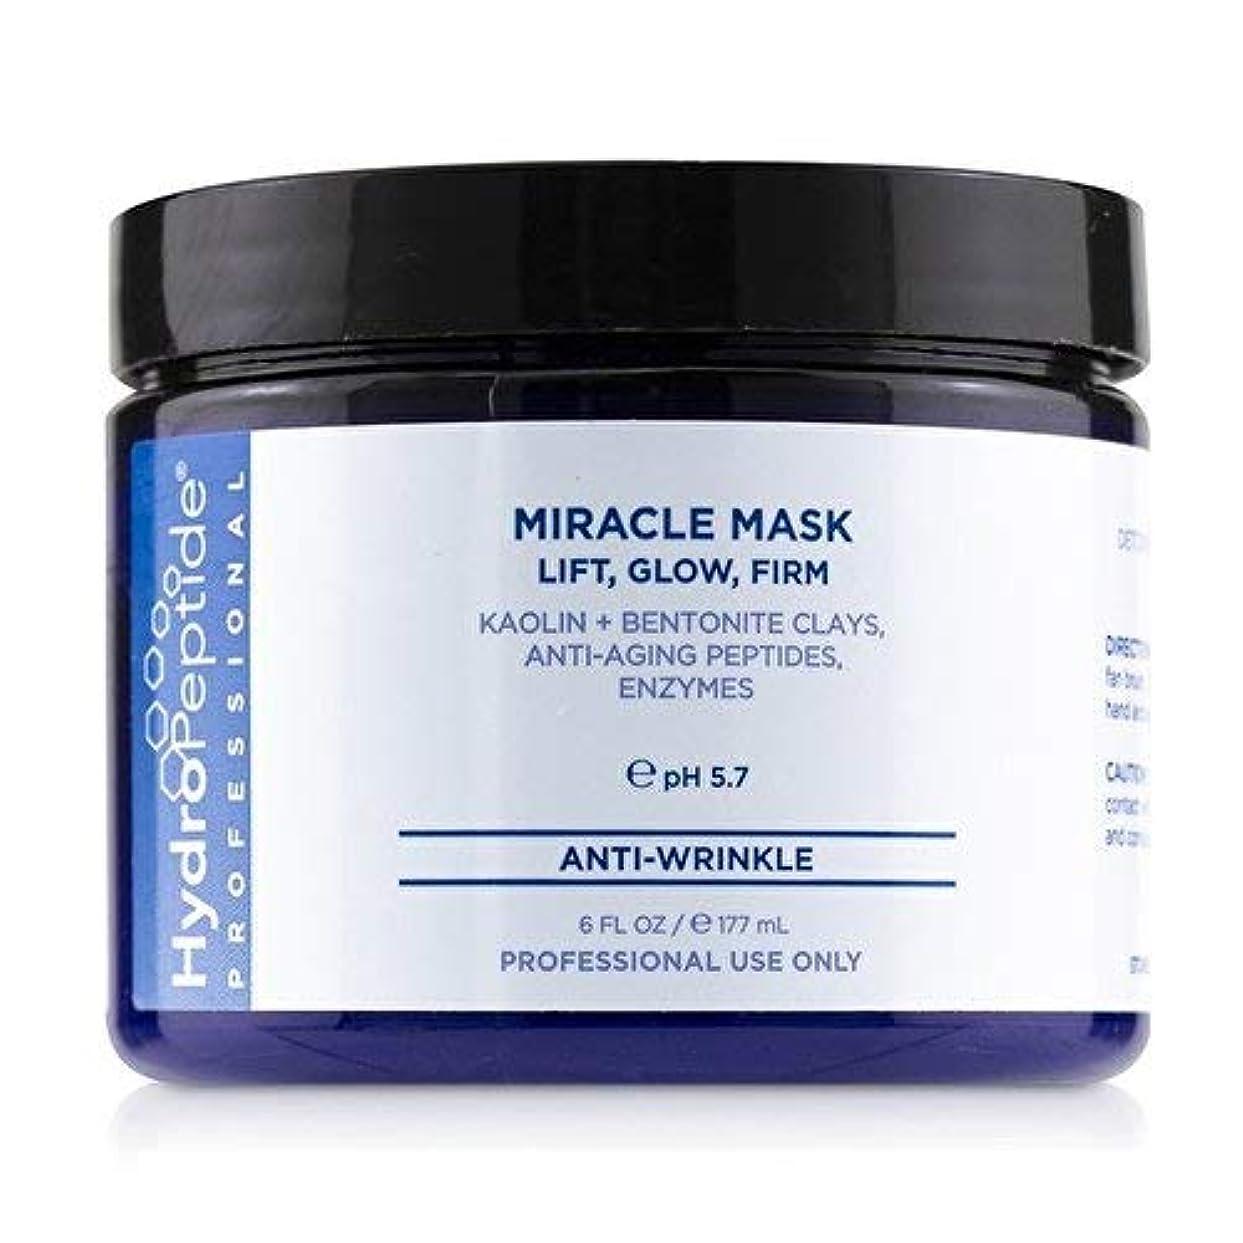 ジャケット出演者コイルハイドロペプチド Miracle Mask - Lift, Glow, Firm (pH 5.7) (Salon Size) 177ml/6oz並行輸入品